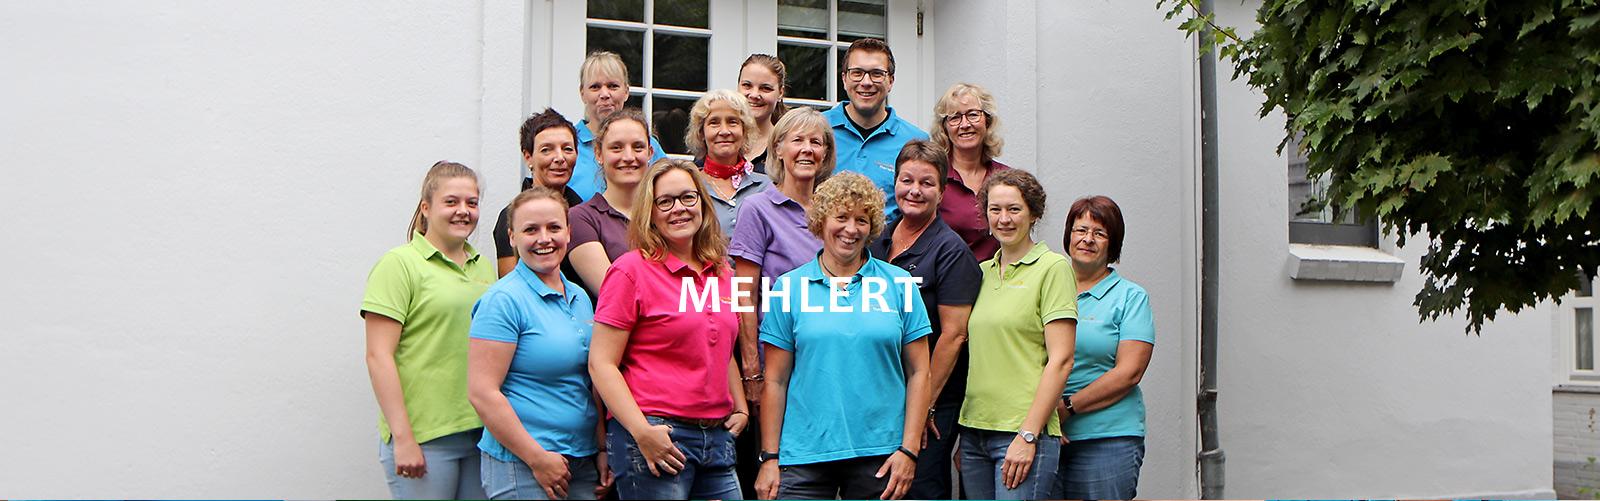 Das Team der Krankengymnastik Mehlert, Flensburg